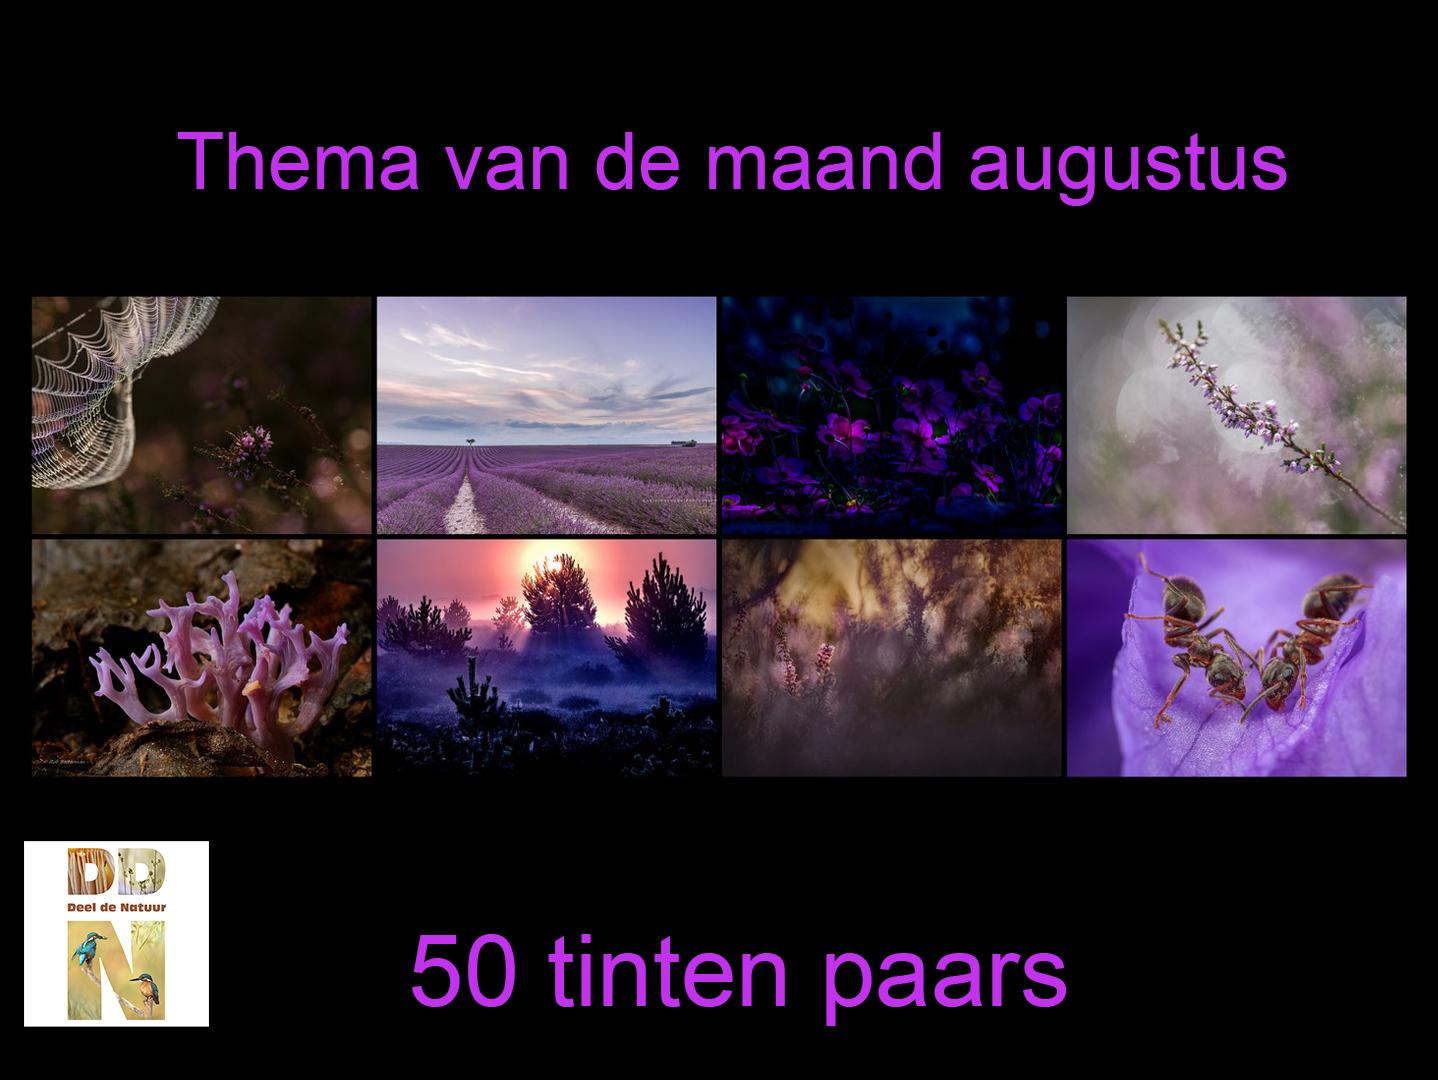 Thema van de maand - 50 tinten paars - Spotlight v2